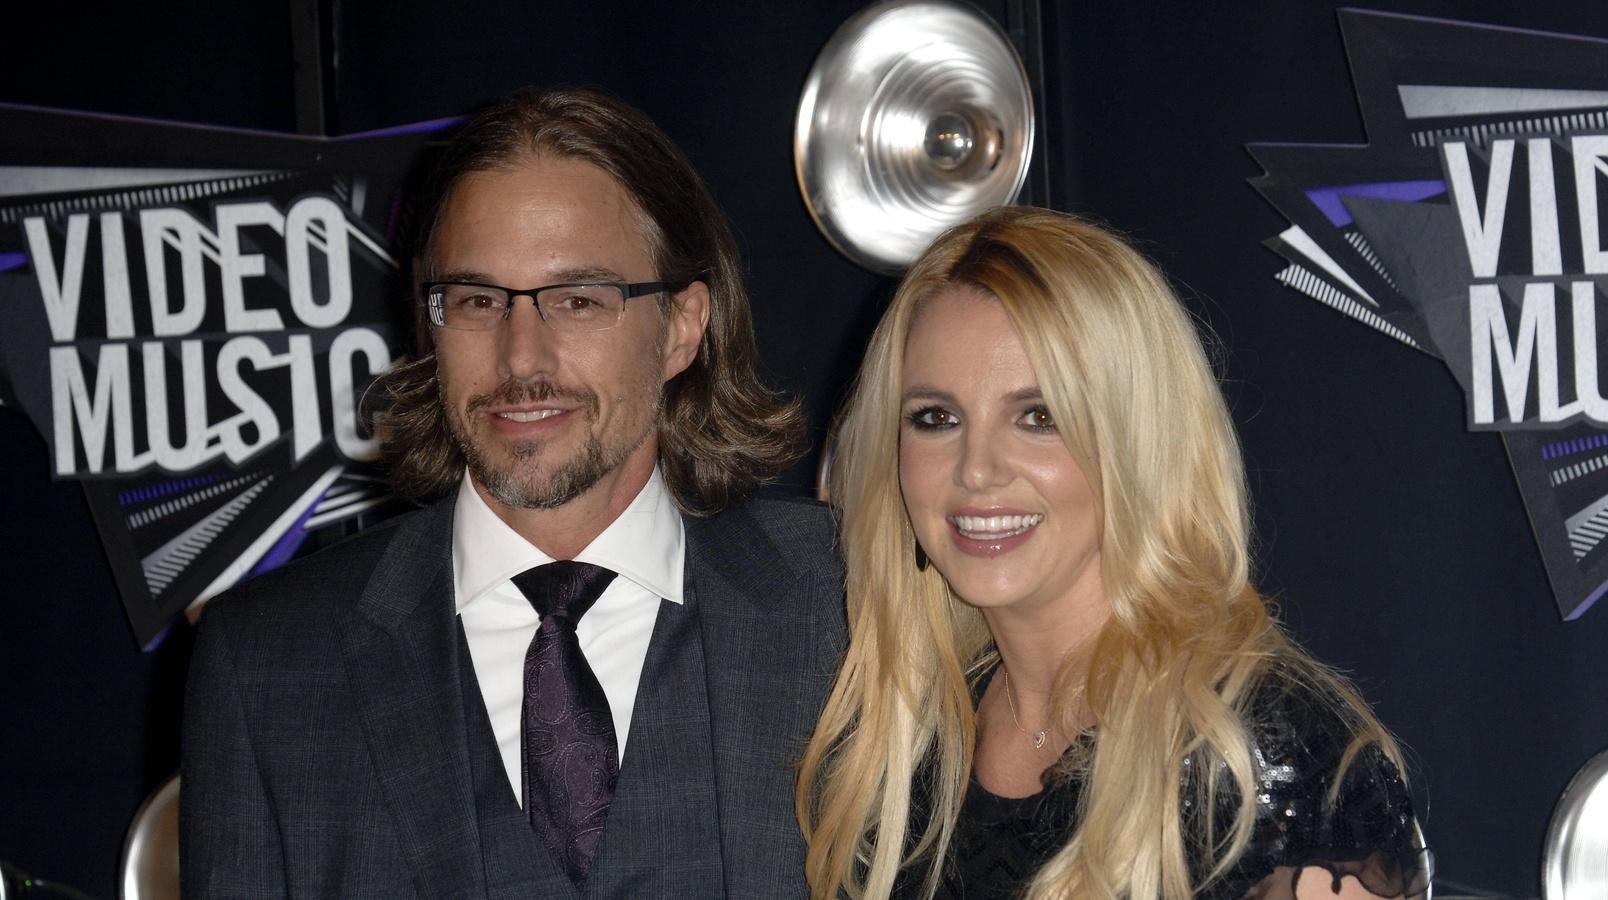 Джейсон Трэвик открестился от брака с Бритни Спирс